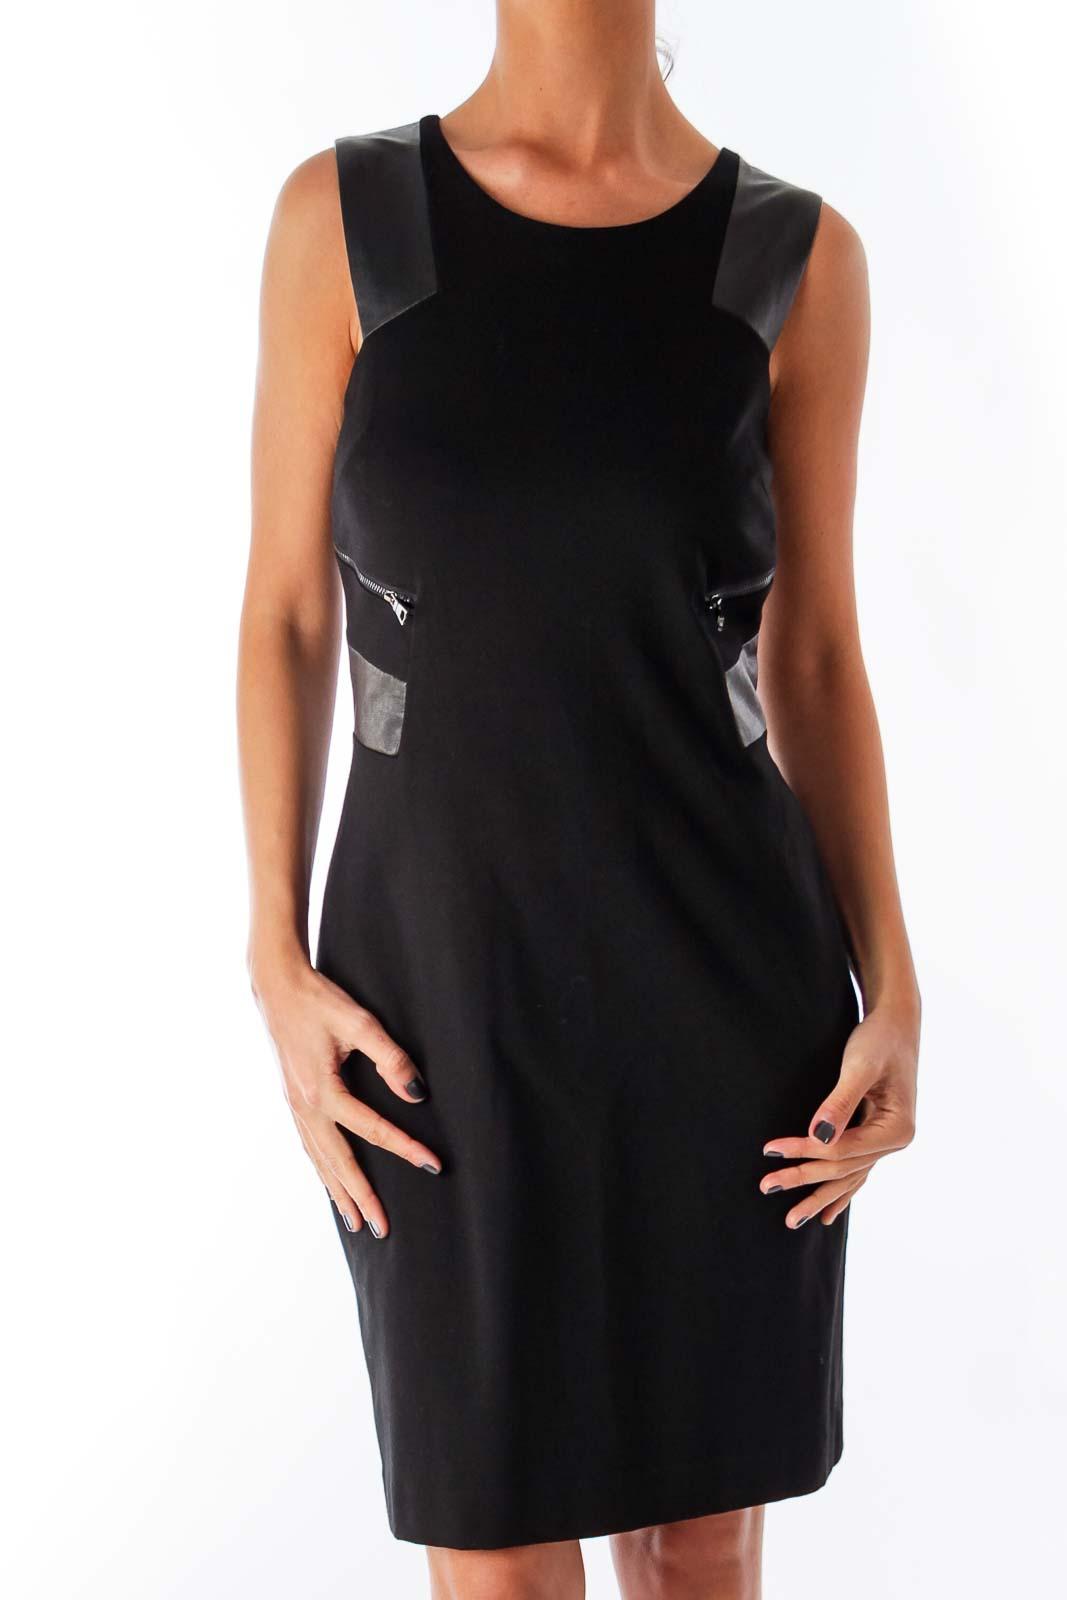 Black Leather Details Shift Dress Front